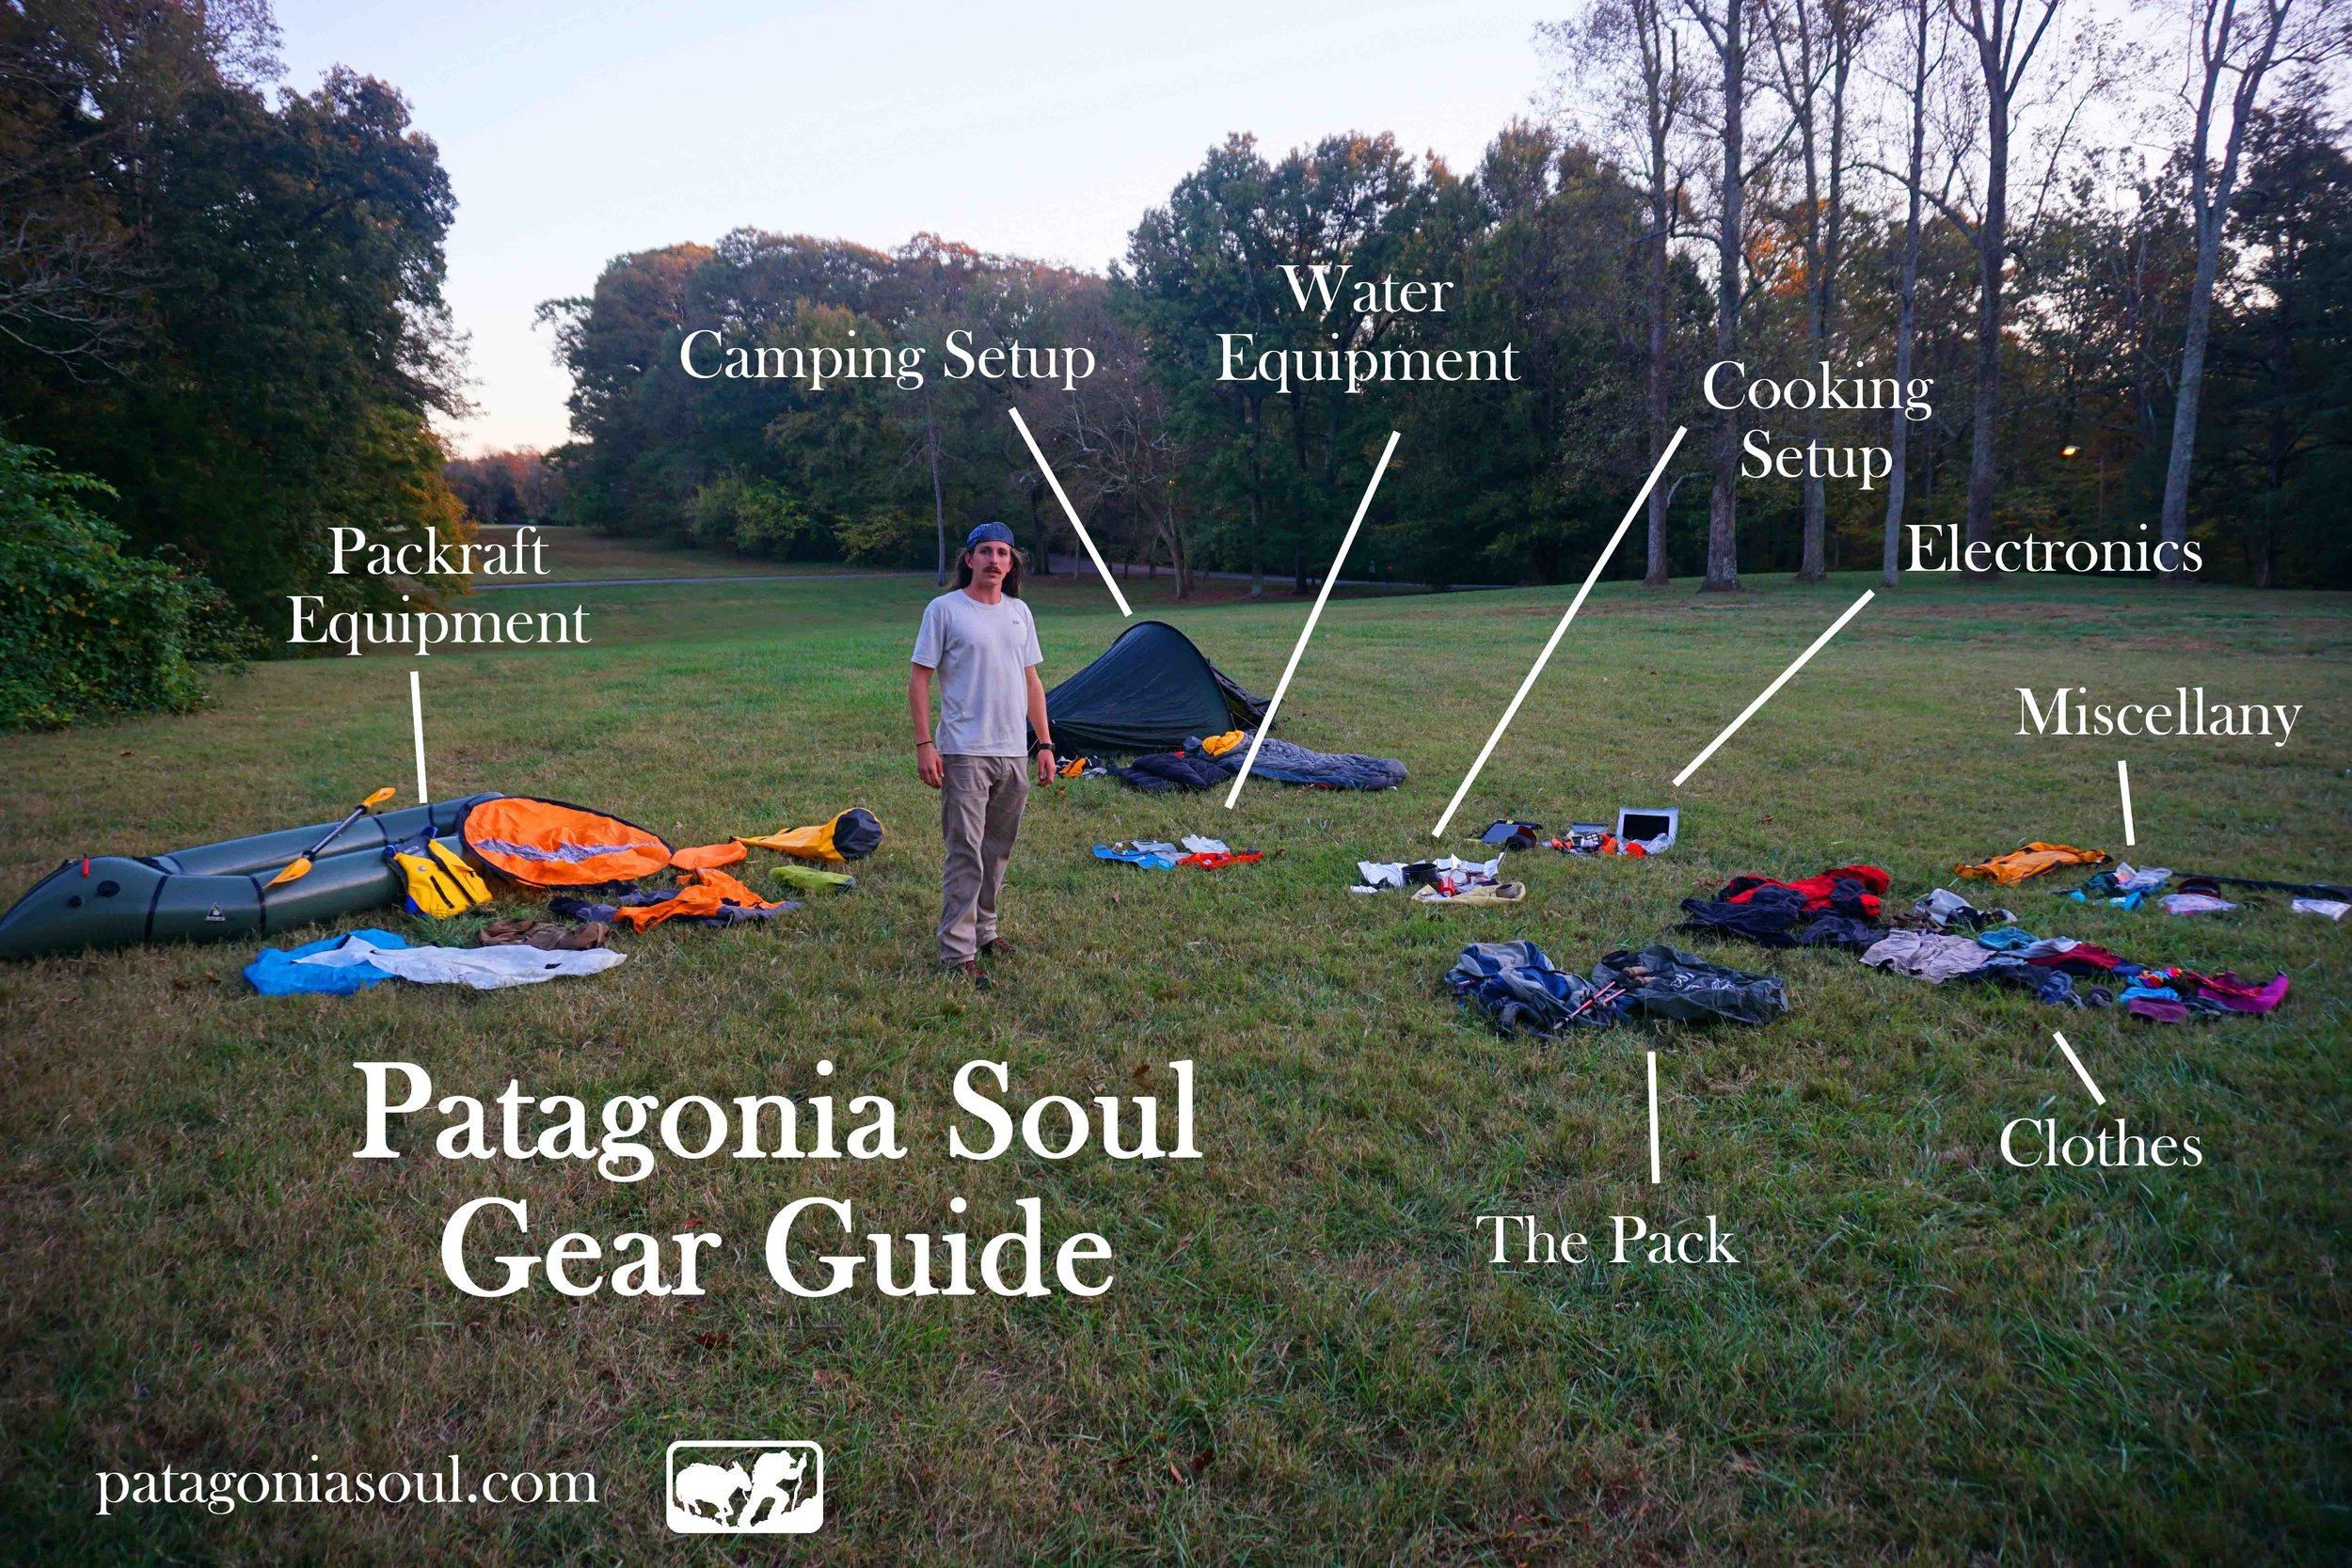 Patagonia Soul Gear Guide